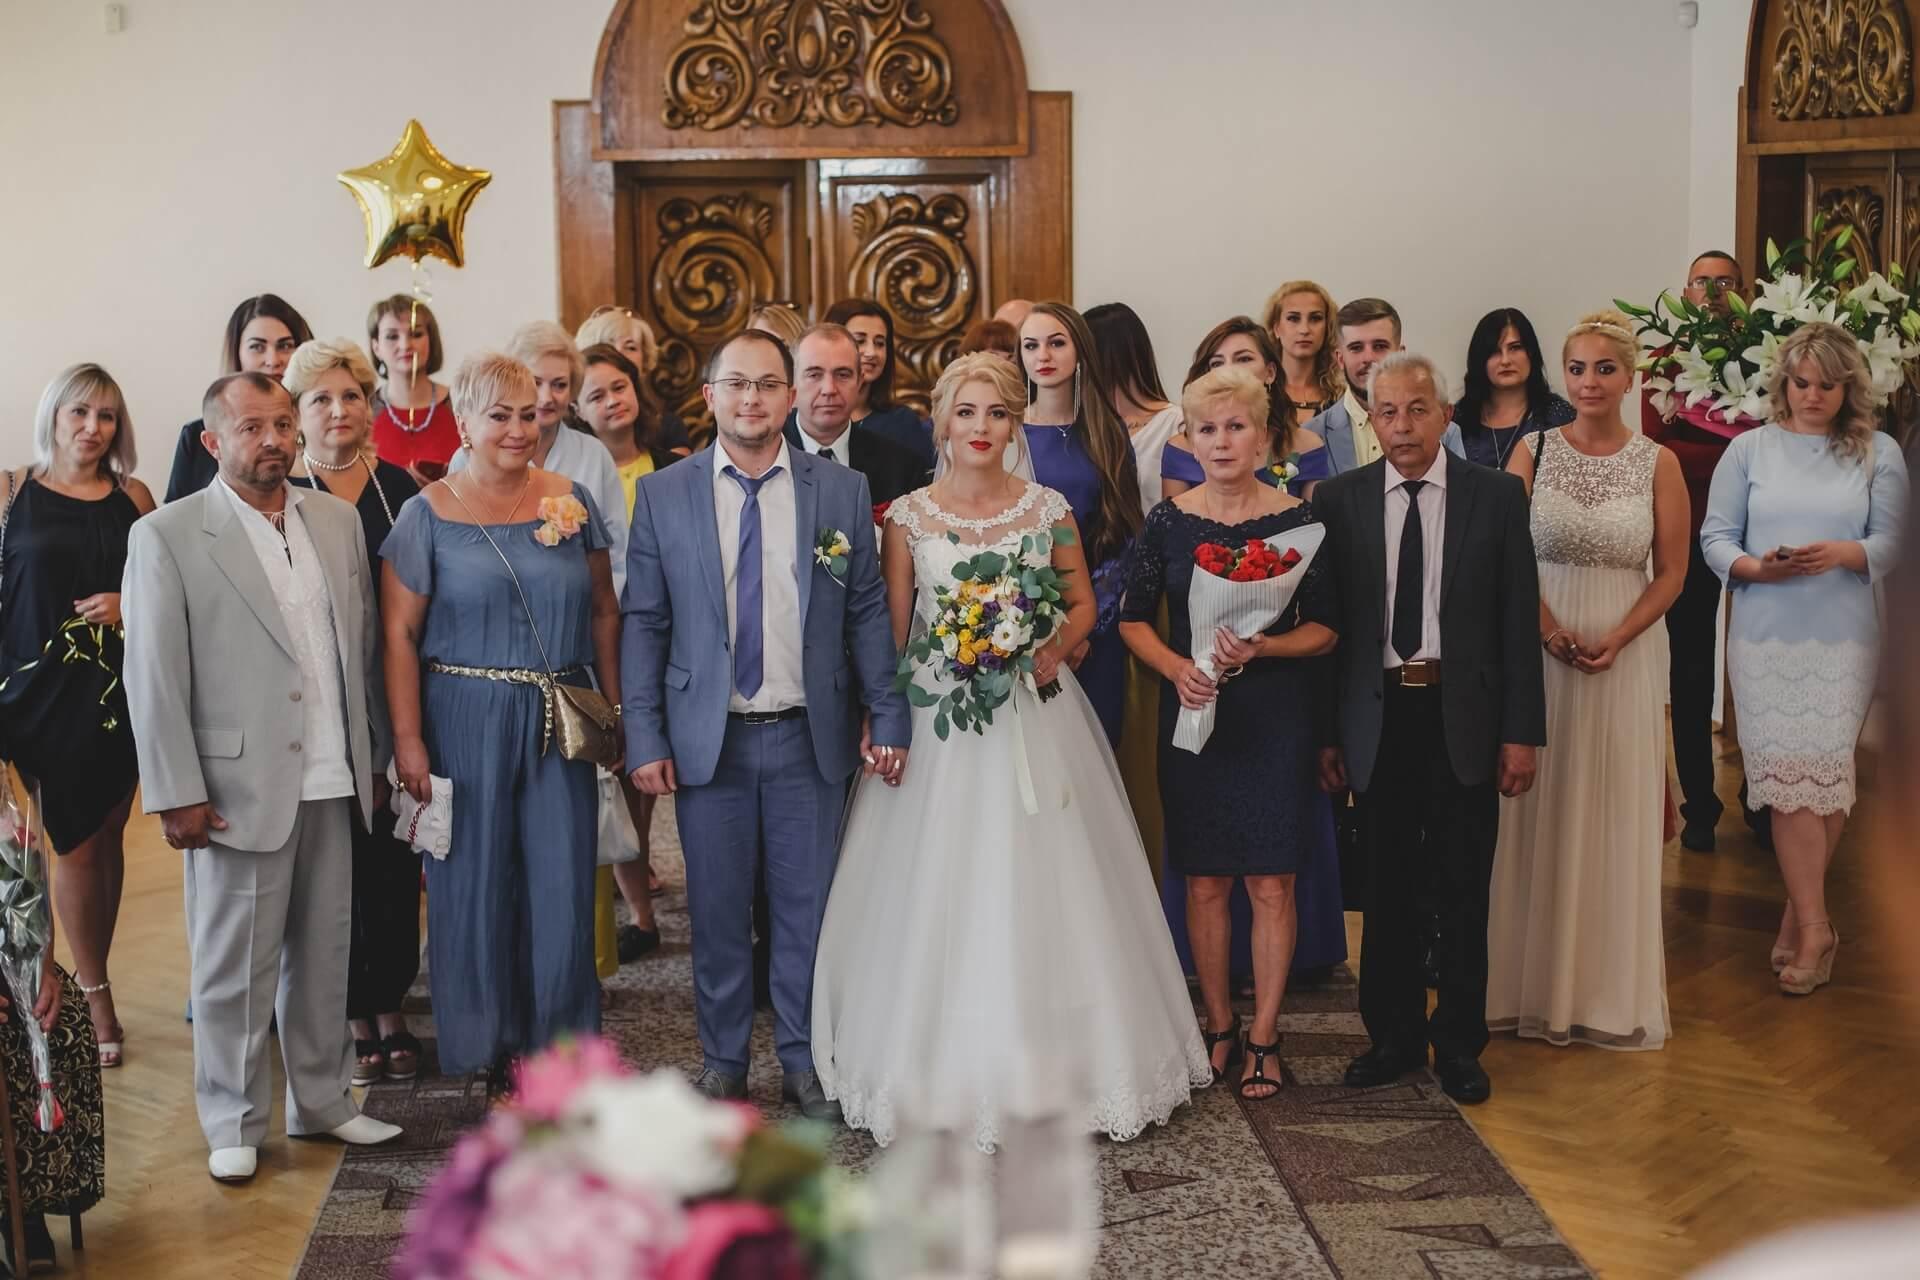 свадебный_фотограф__видеограф_киев_лучшие_фотографы_сайт_фотографа_фотограф_на свадбу_киев_ирпен_буча